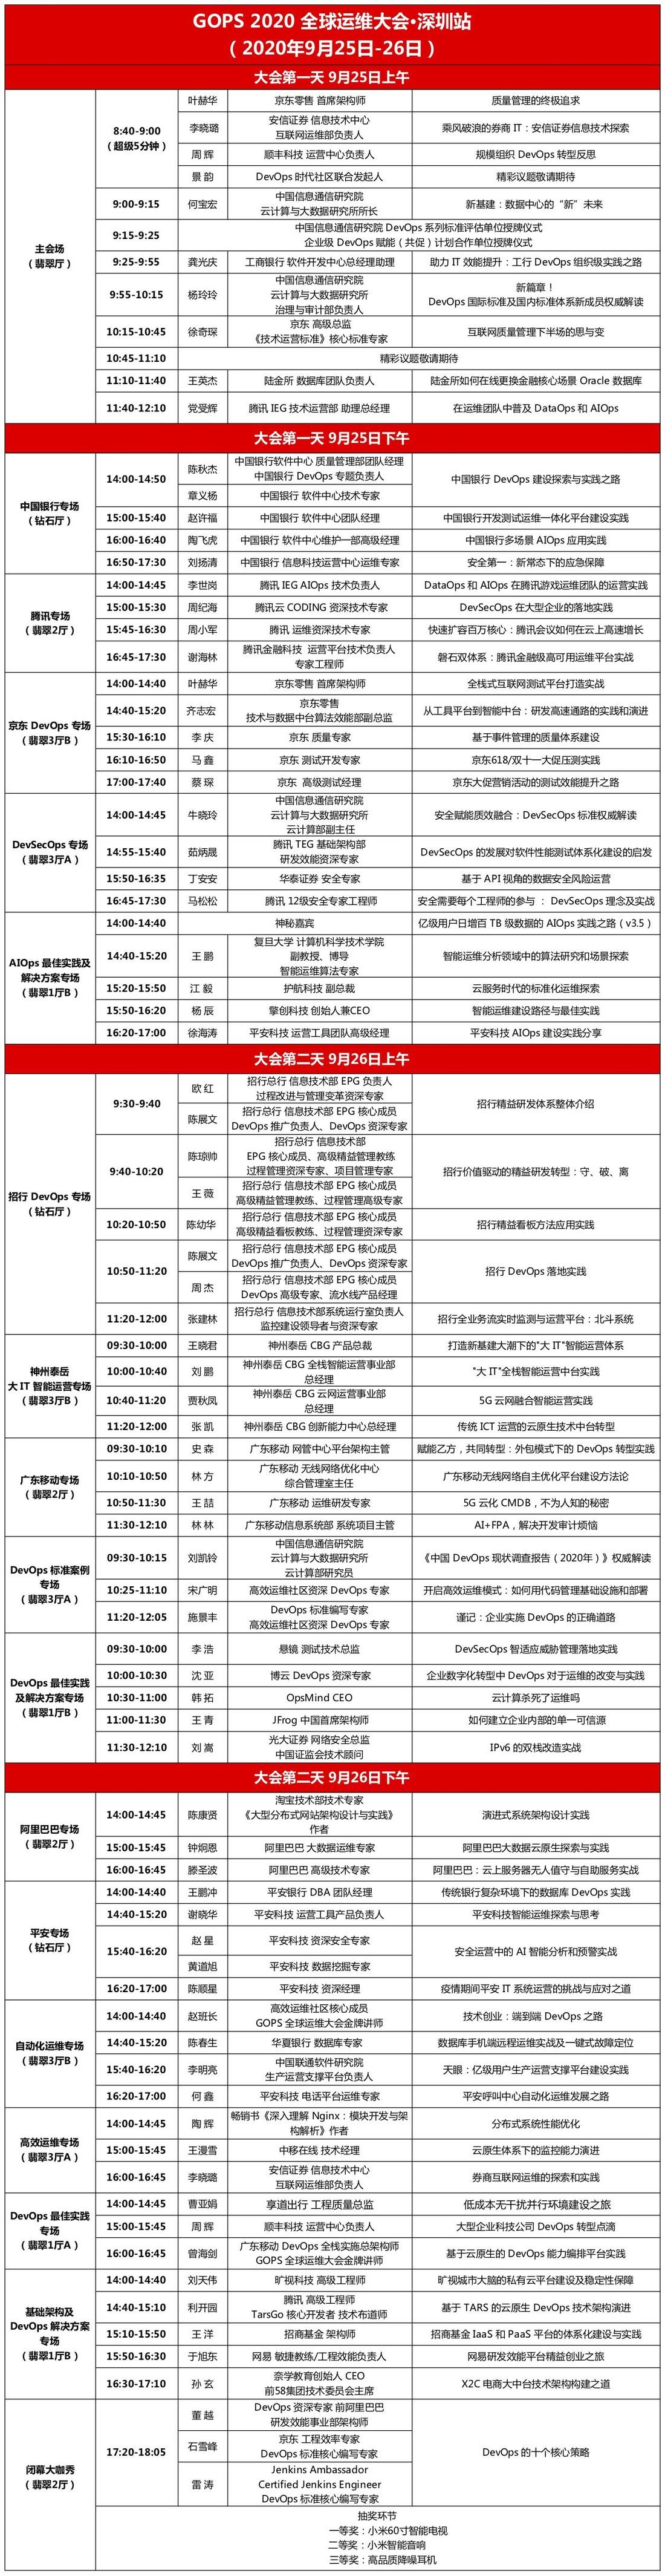 2020第十四届GOPS全球运维大会(9月深圳)